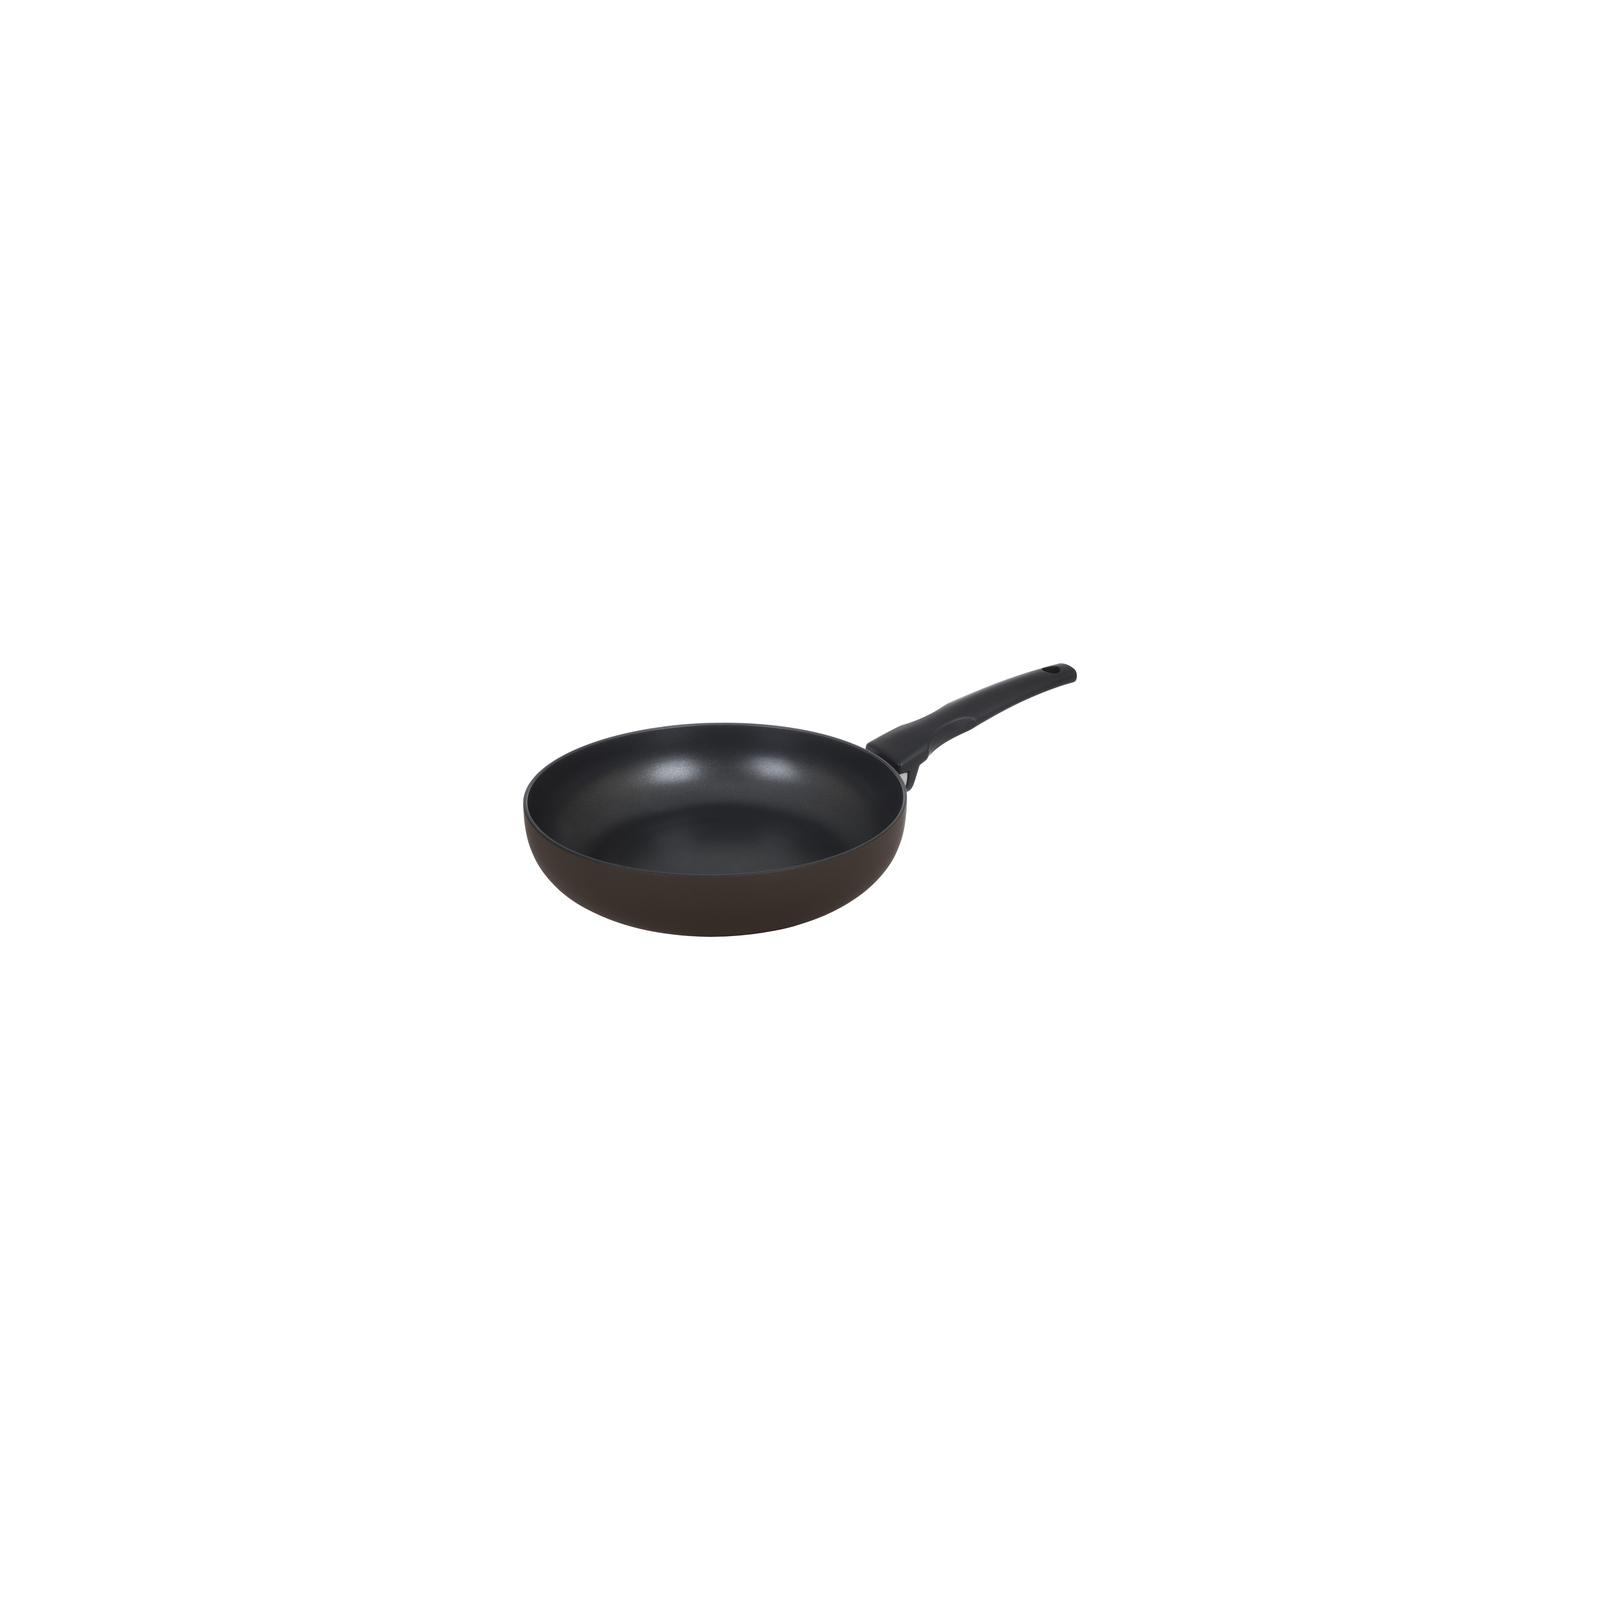 Сковорода Ringel Muskat 20 см (RG-1112-20)